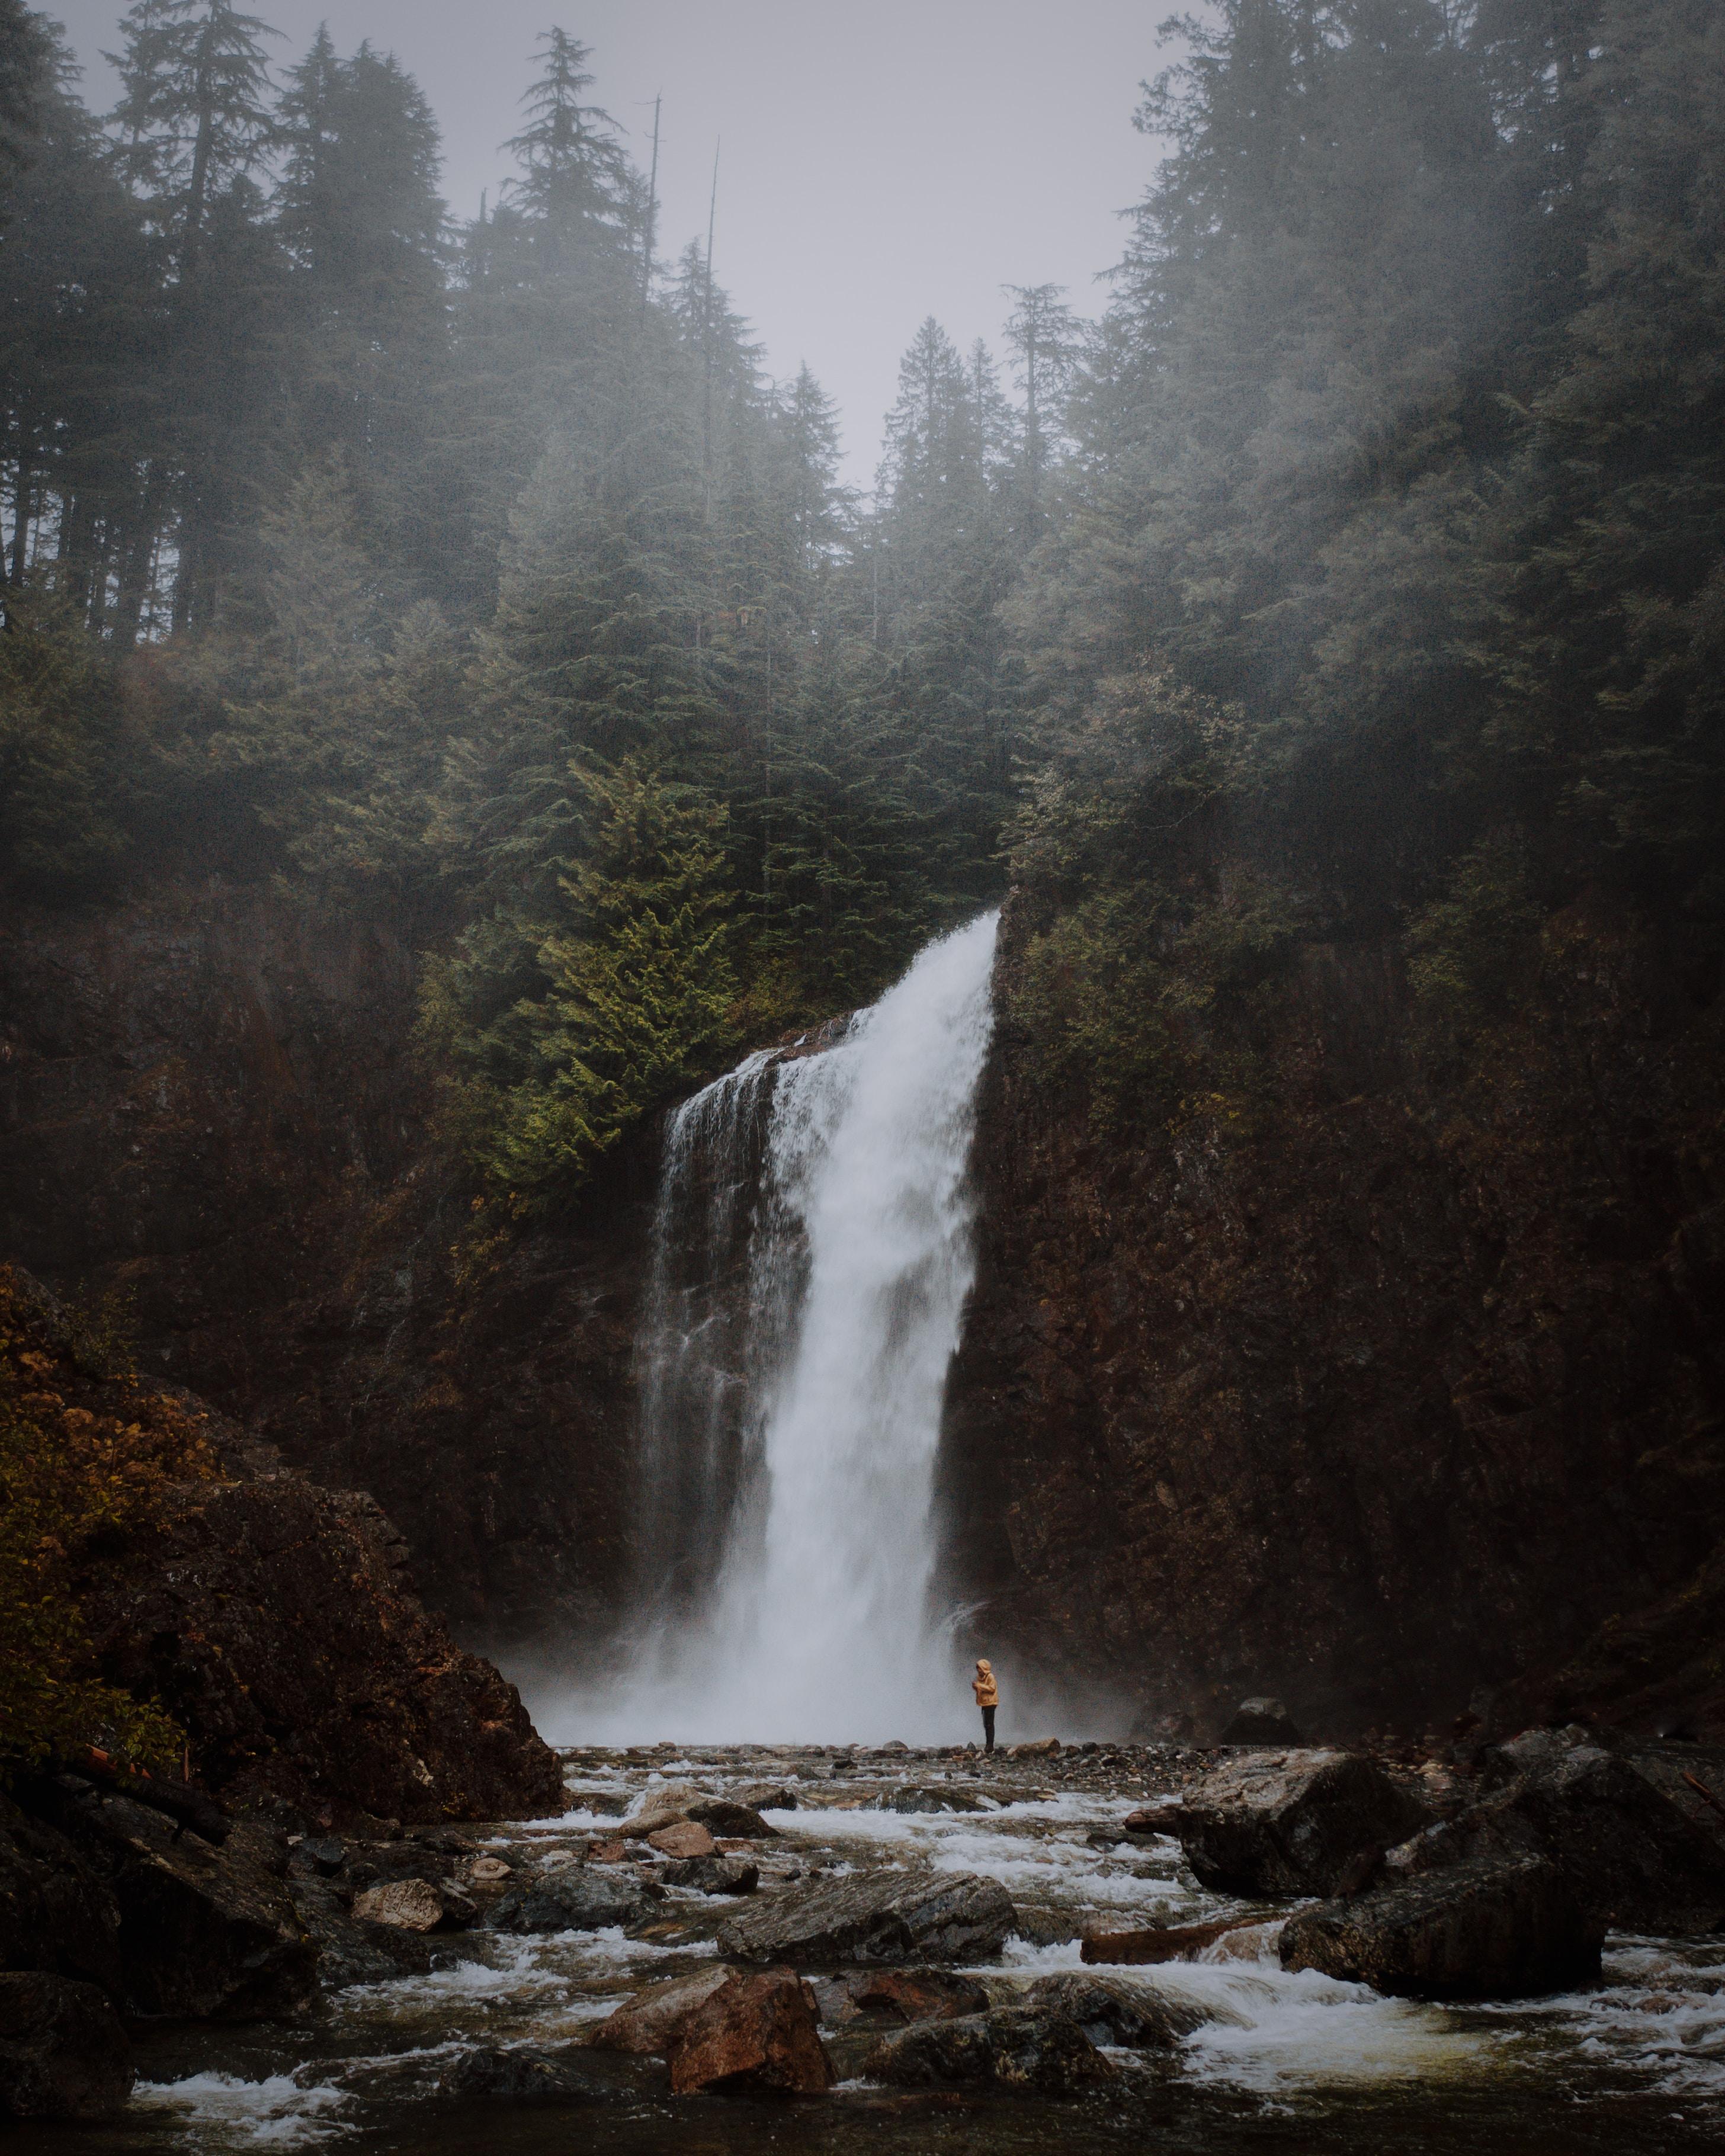 72990 обои 480x800 на телефон бесплатно, скачать картинки Пейзаж, Природа, Деревья, Река, Водопад, Обрыв 480x800 на мобильный